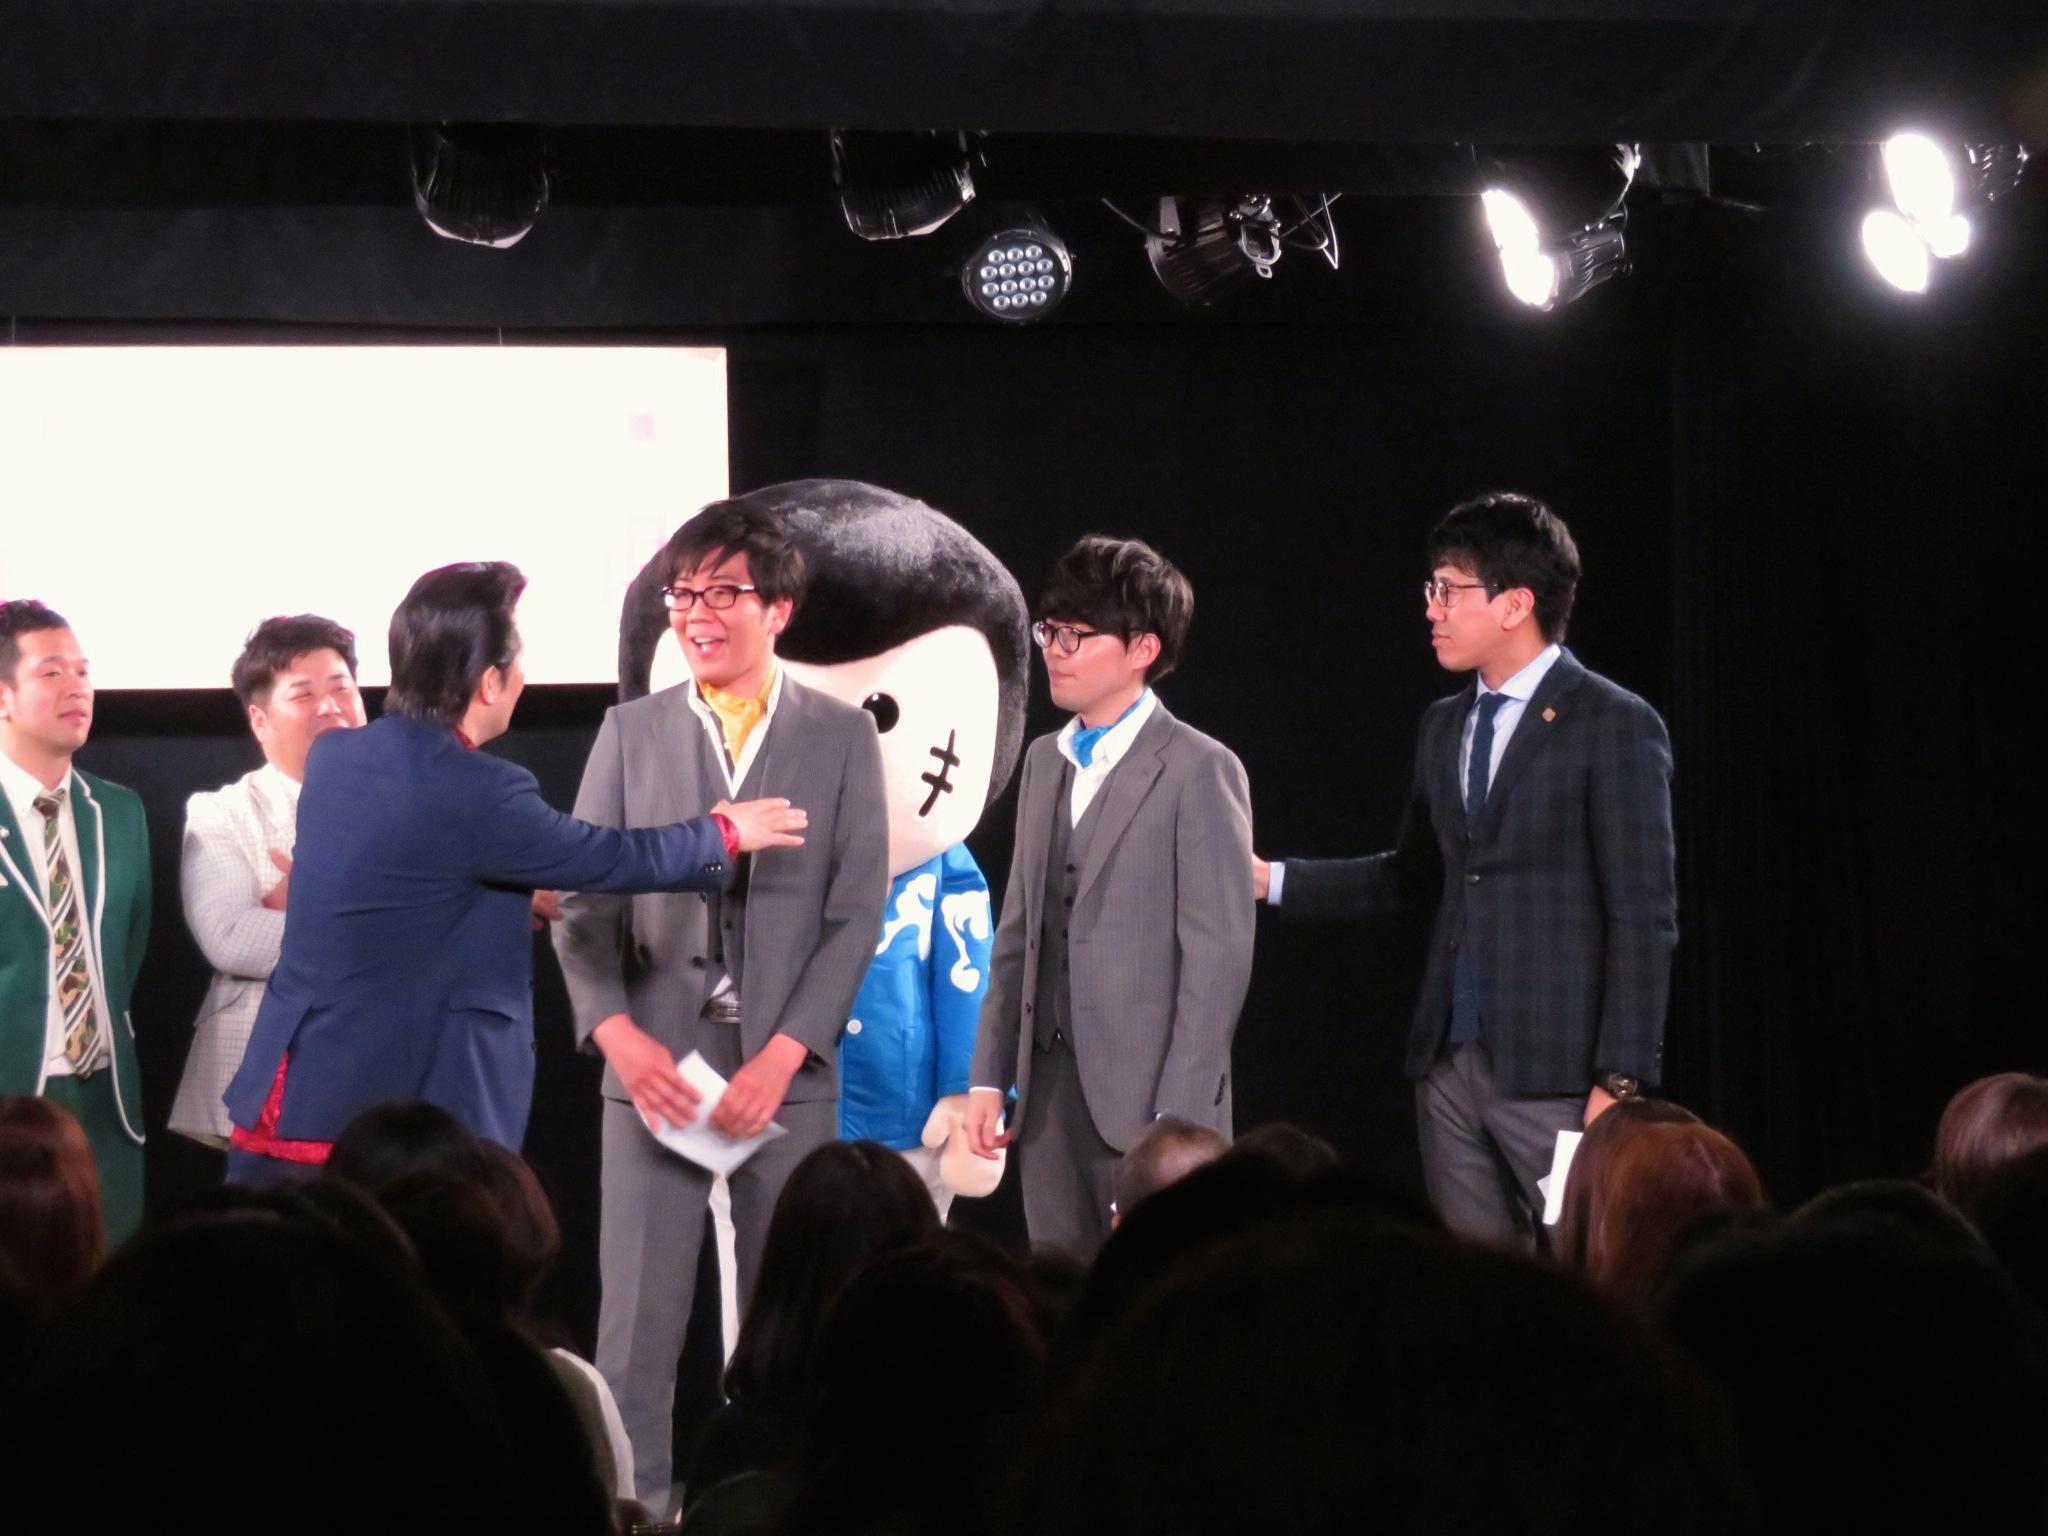 http://news.yoshimoto.co.jp/20171230224058-2b2d78b9112b3cdb1048b28705e4432a8b6a3842.jpg